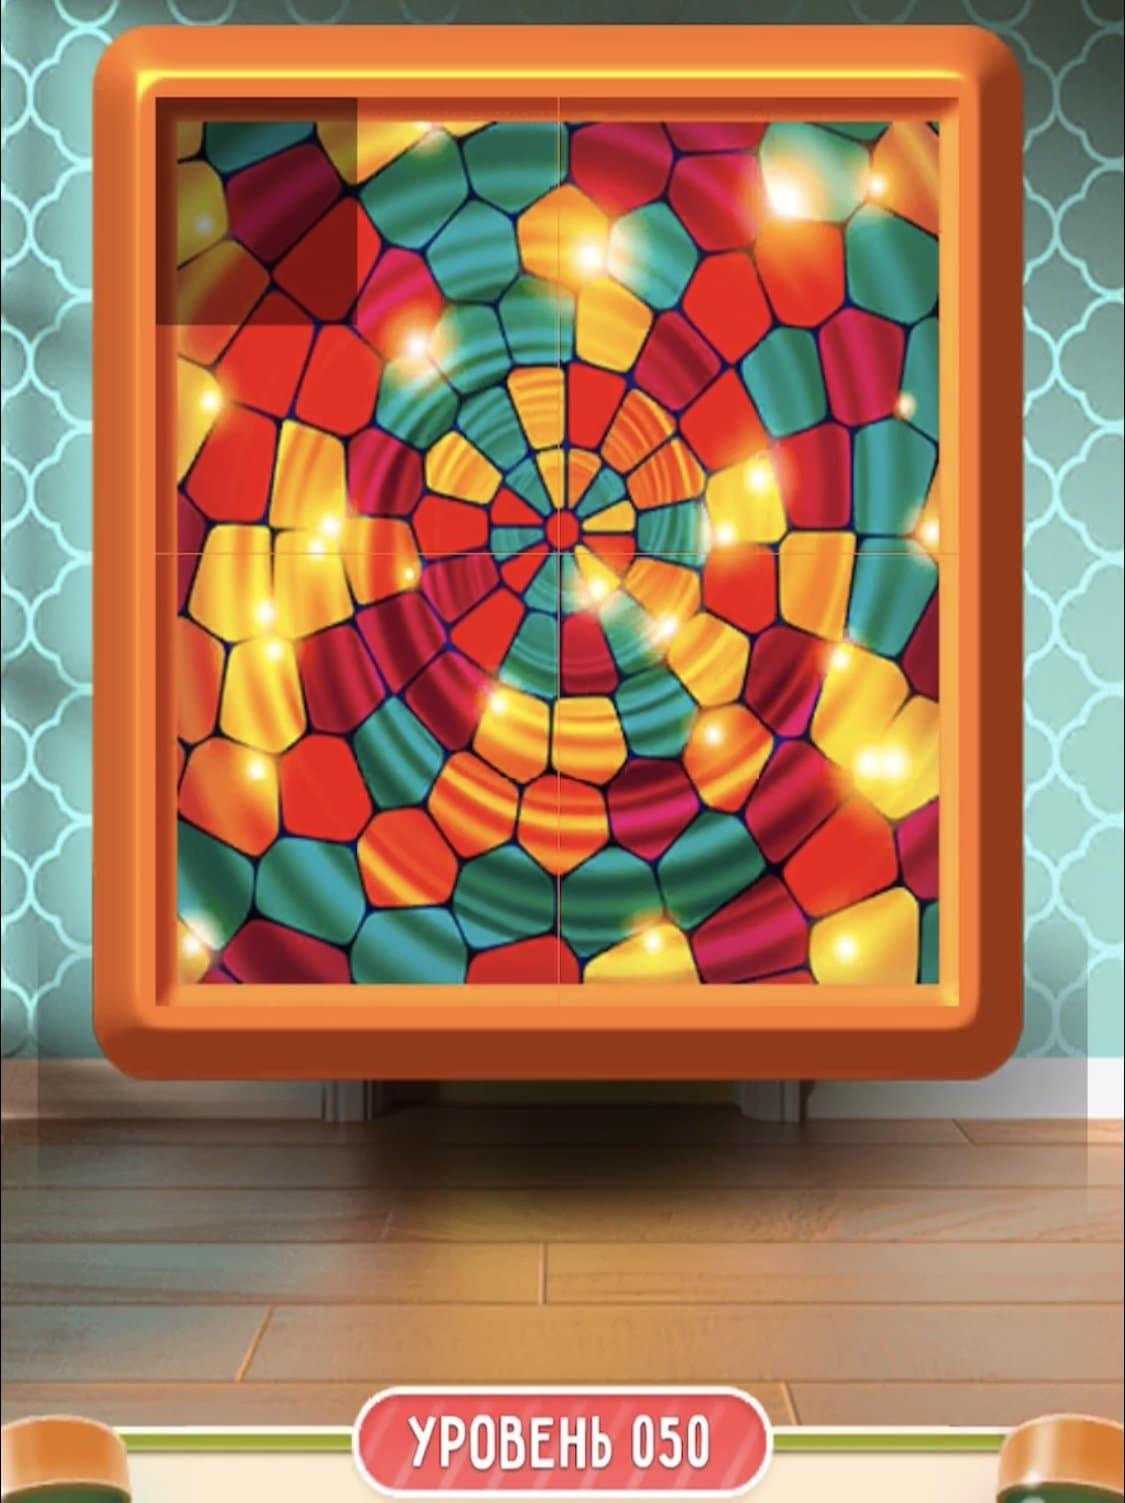 Всеми любимая игра мозаика, Вам предстоит собрать картинку из шестнадцати деталей. Переворачивайте кусочки рисунка в разные стороны и собирайте картинку в единое целое.